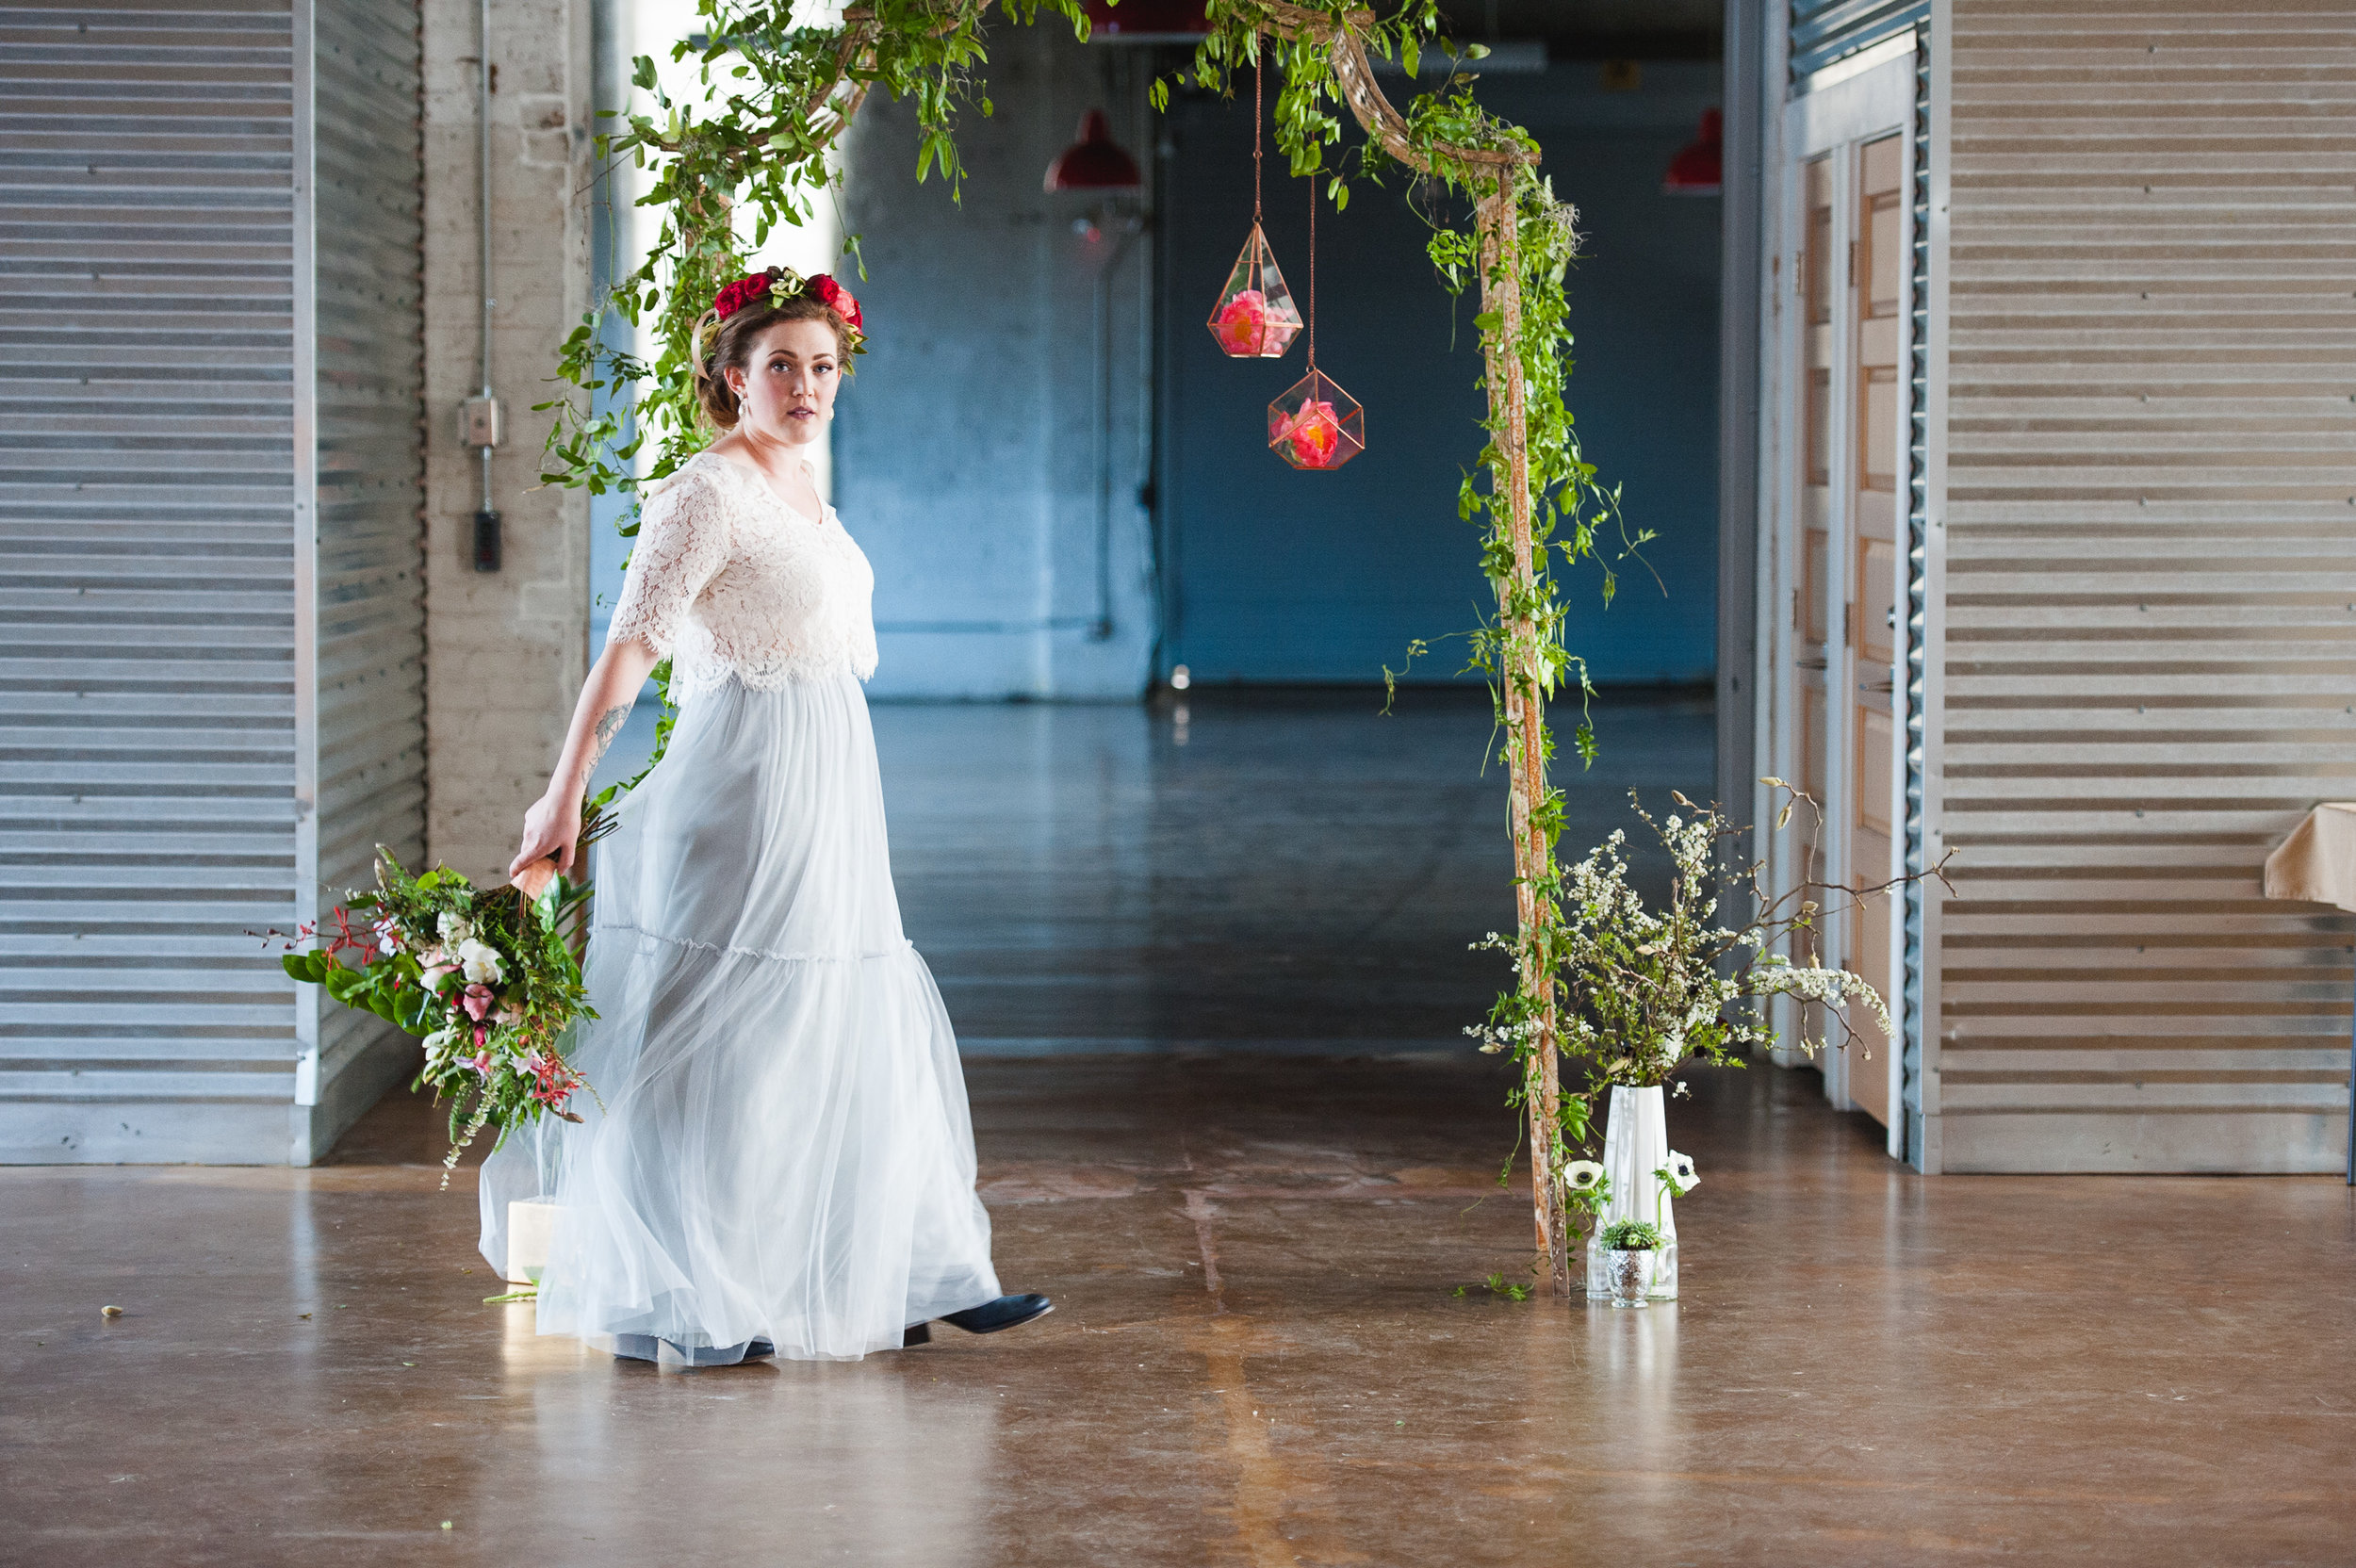 ck-Industrial-Rustic-Wedding-0295.jpg